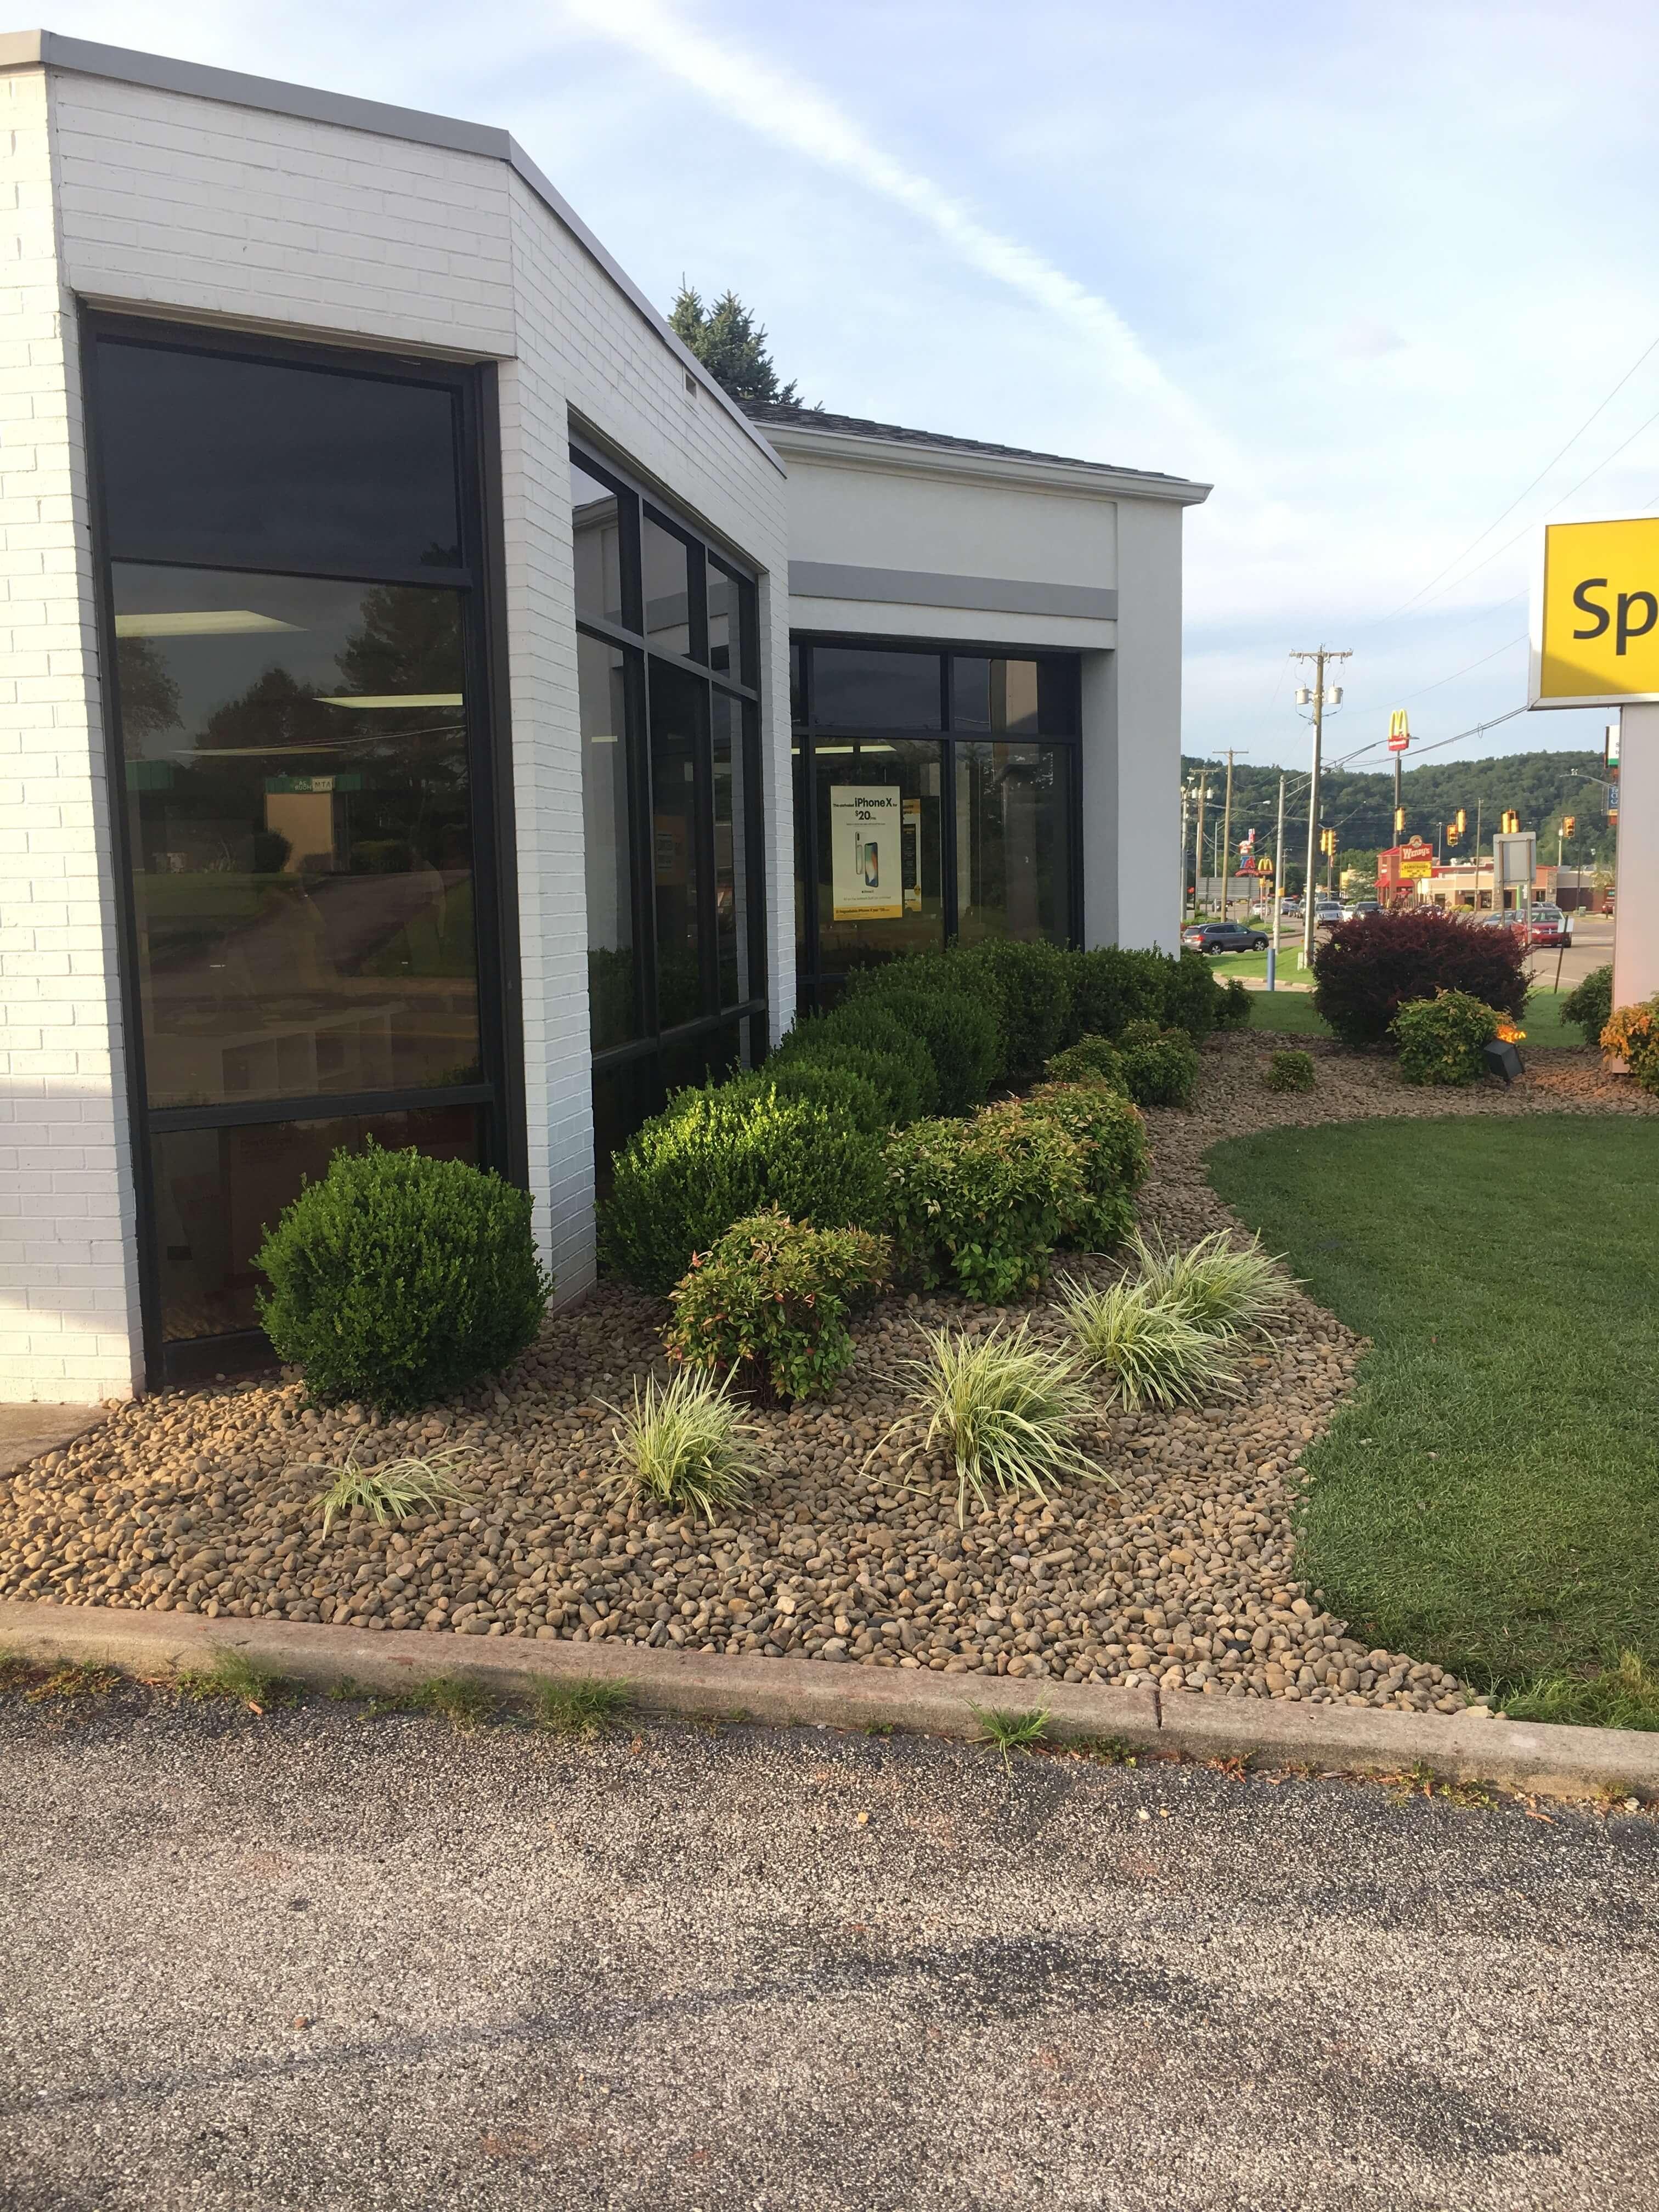 Photos Lawn Care Services Logan Verdunville